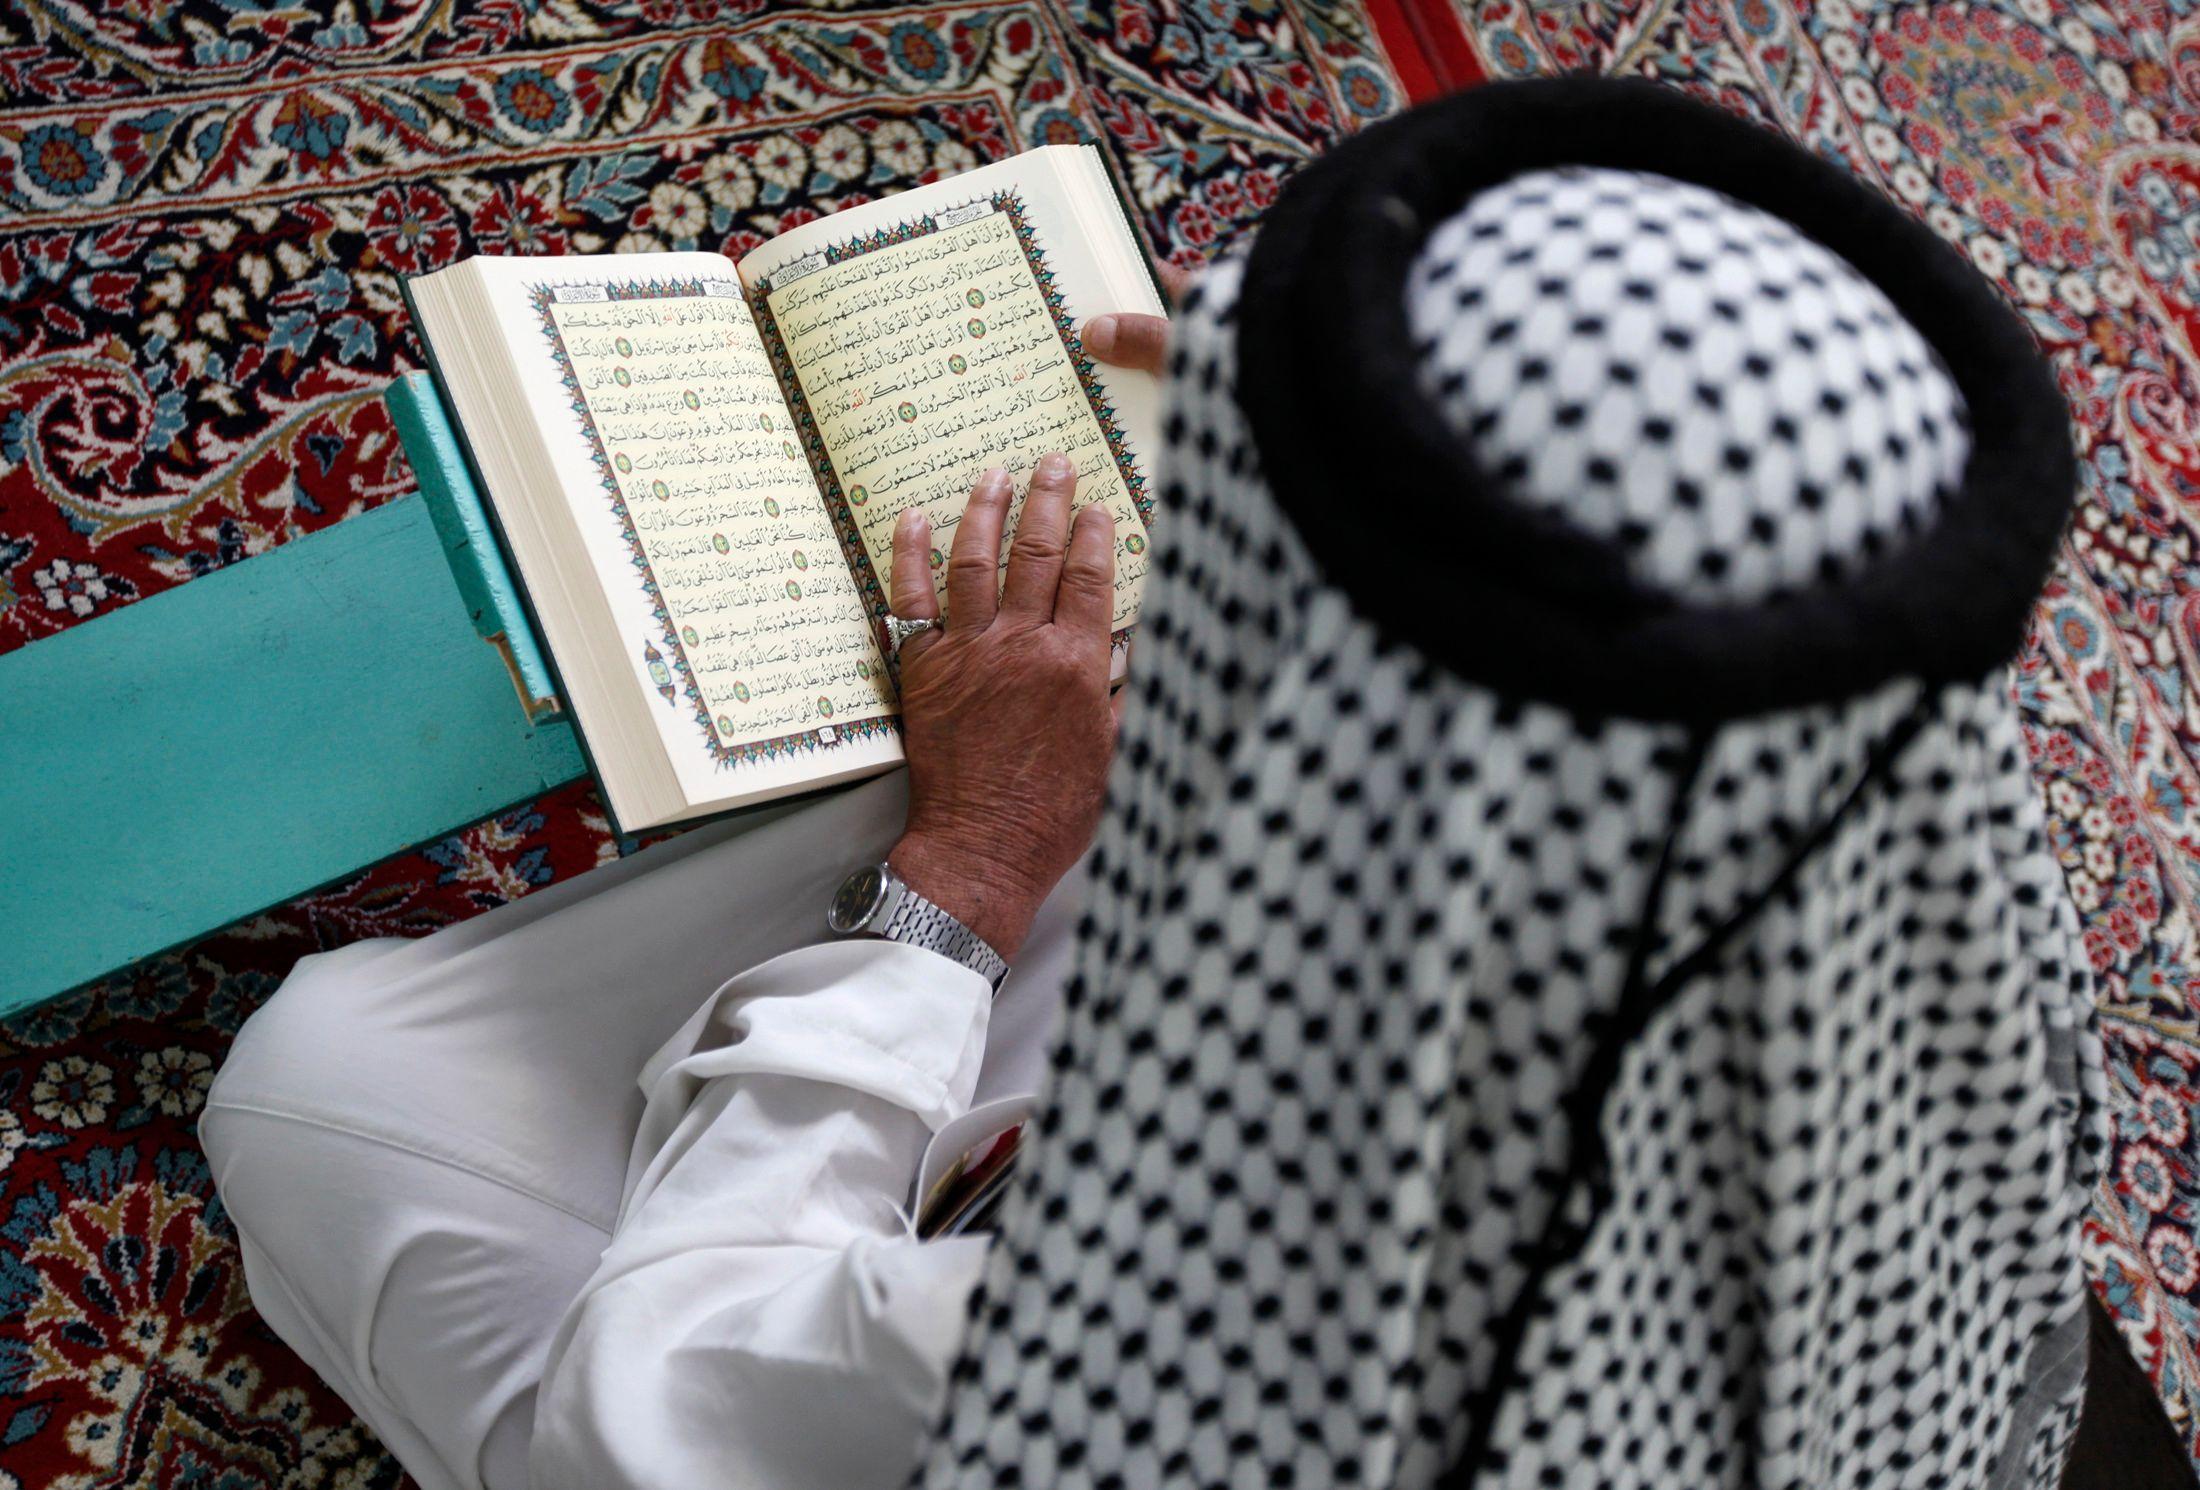 Qu'ont dit de célèbres Européens de l'islam ces derniers siècles ? La guerre des citations est lancée